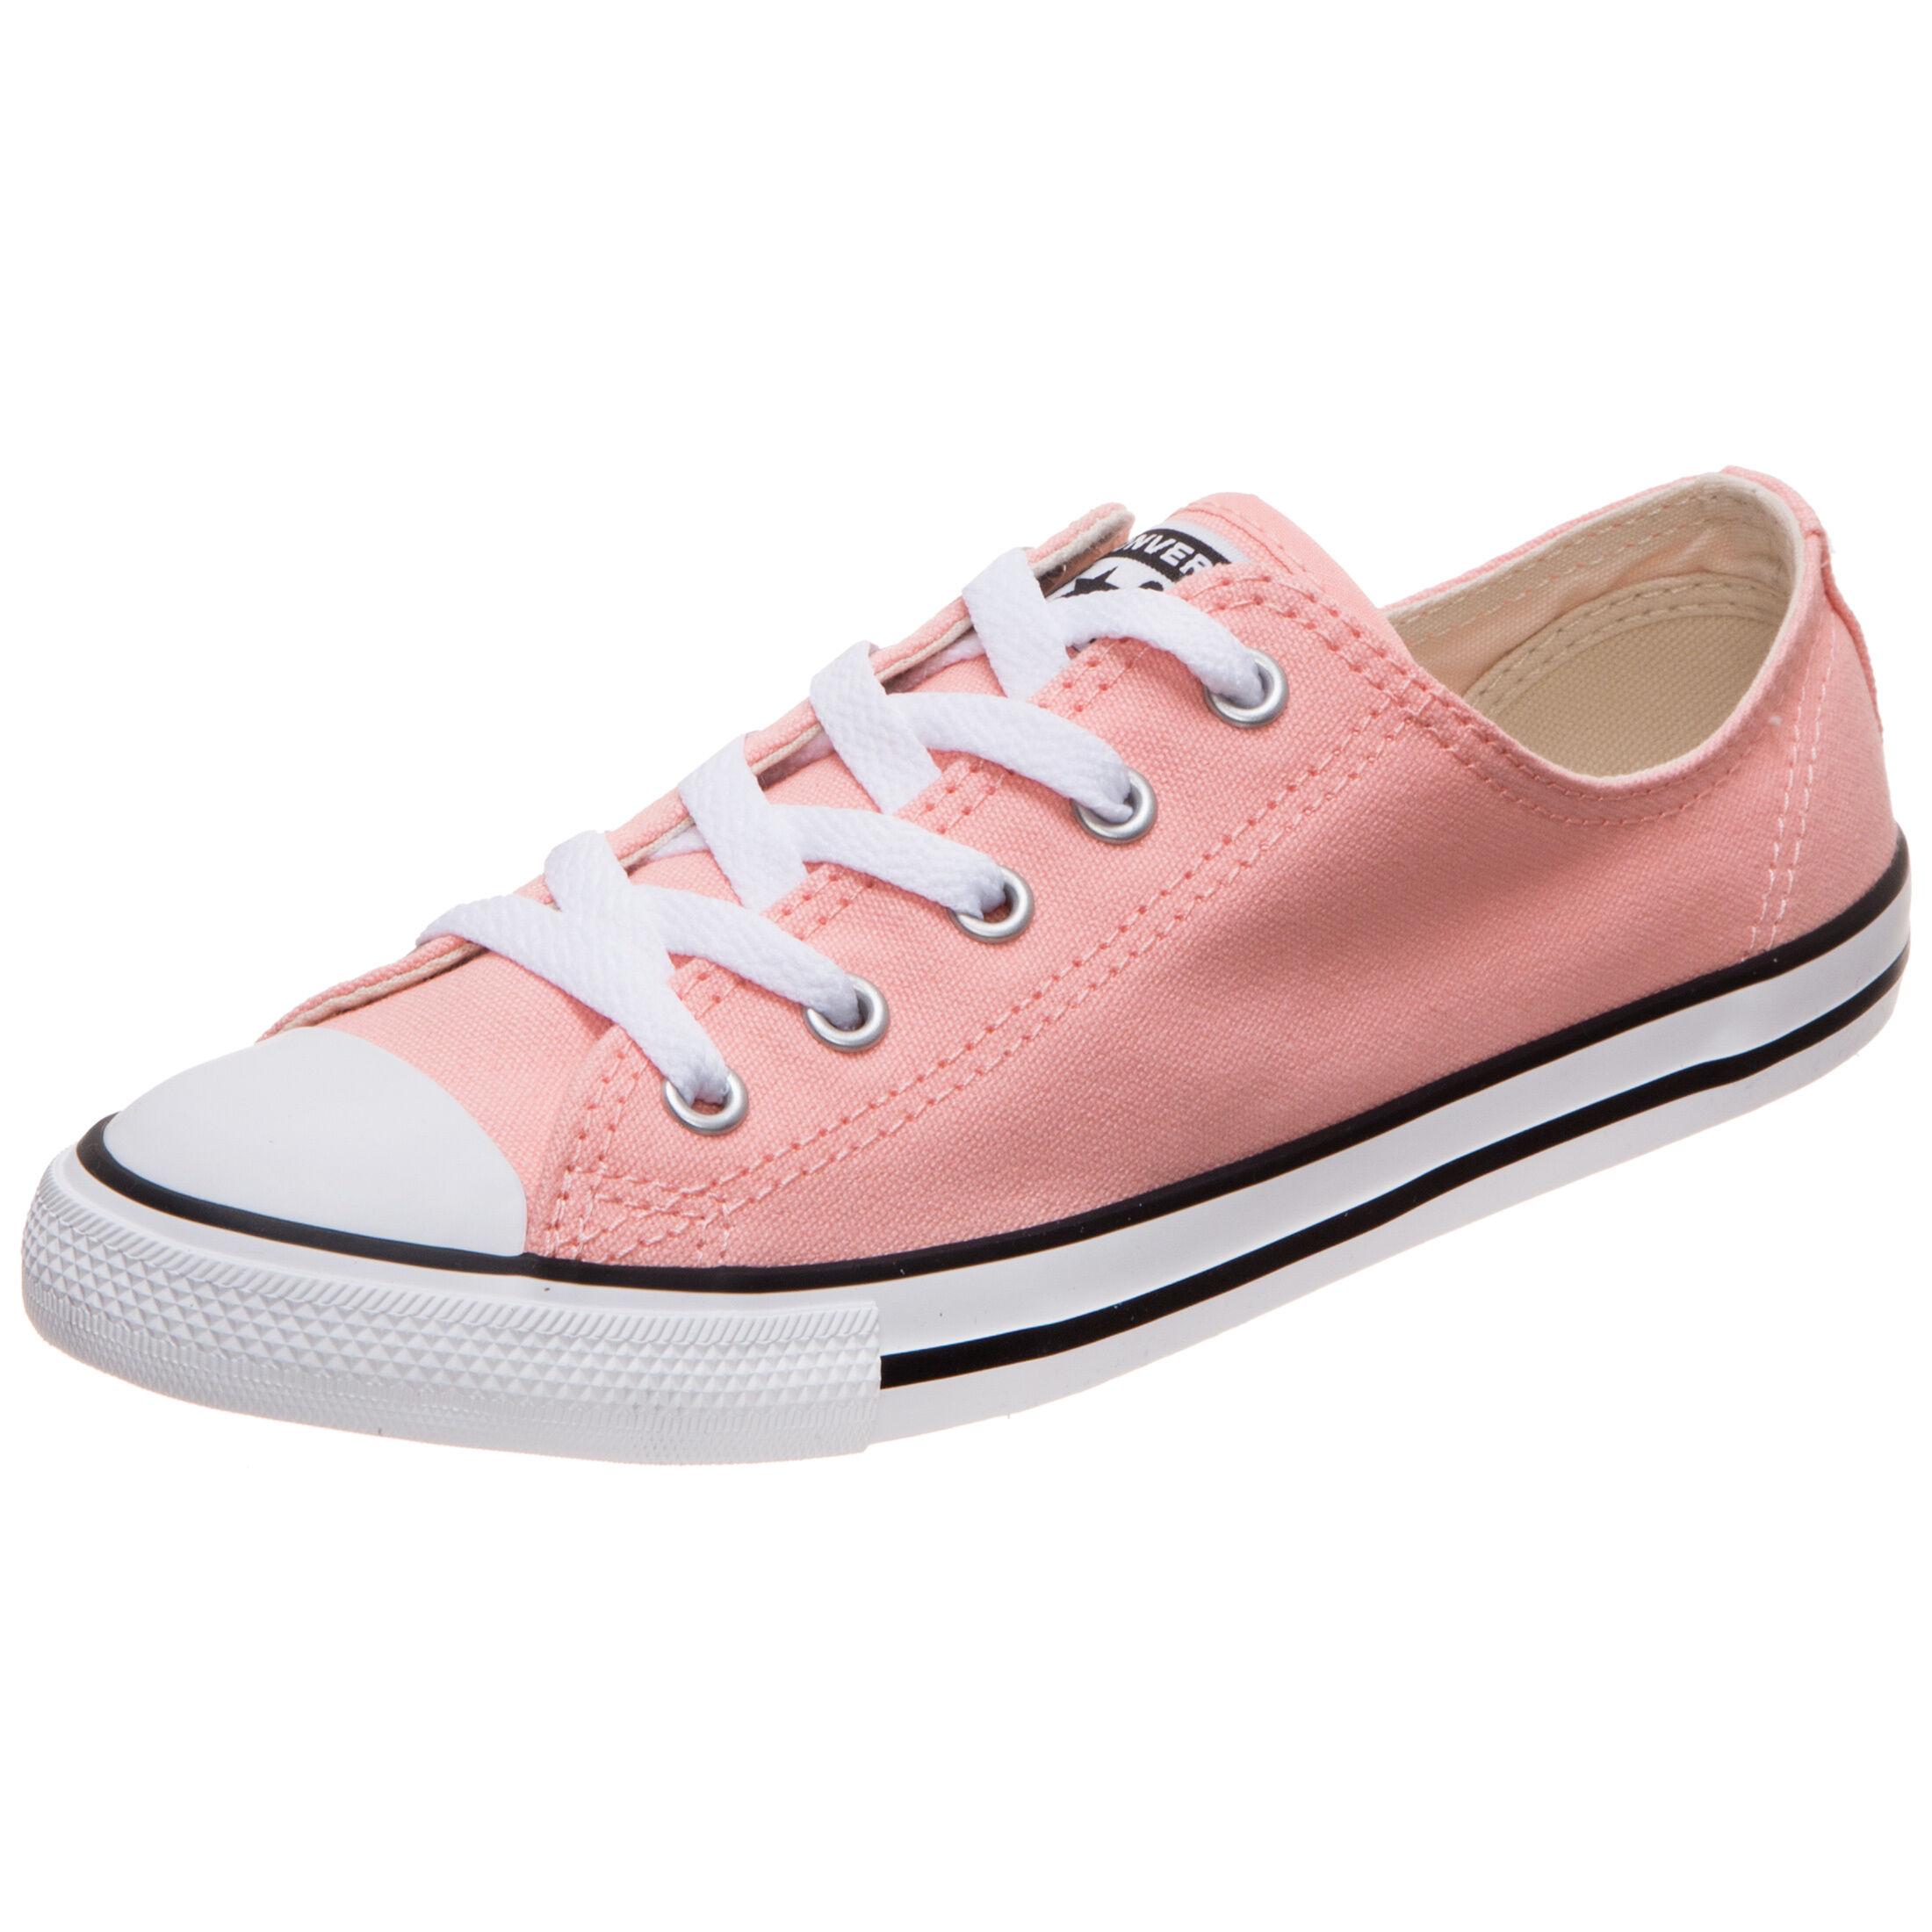 Converse Chuck Taylor All Star Ox Sneaker für Damen Pink